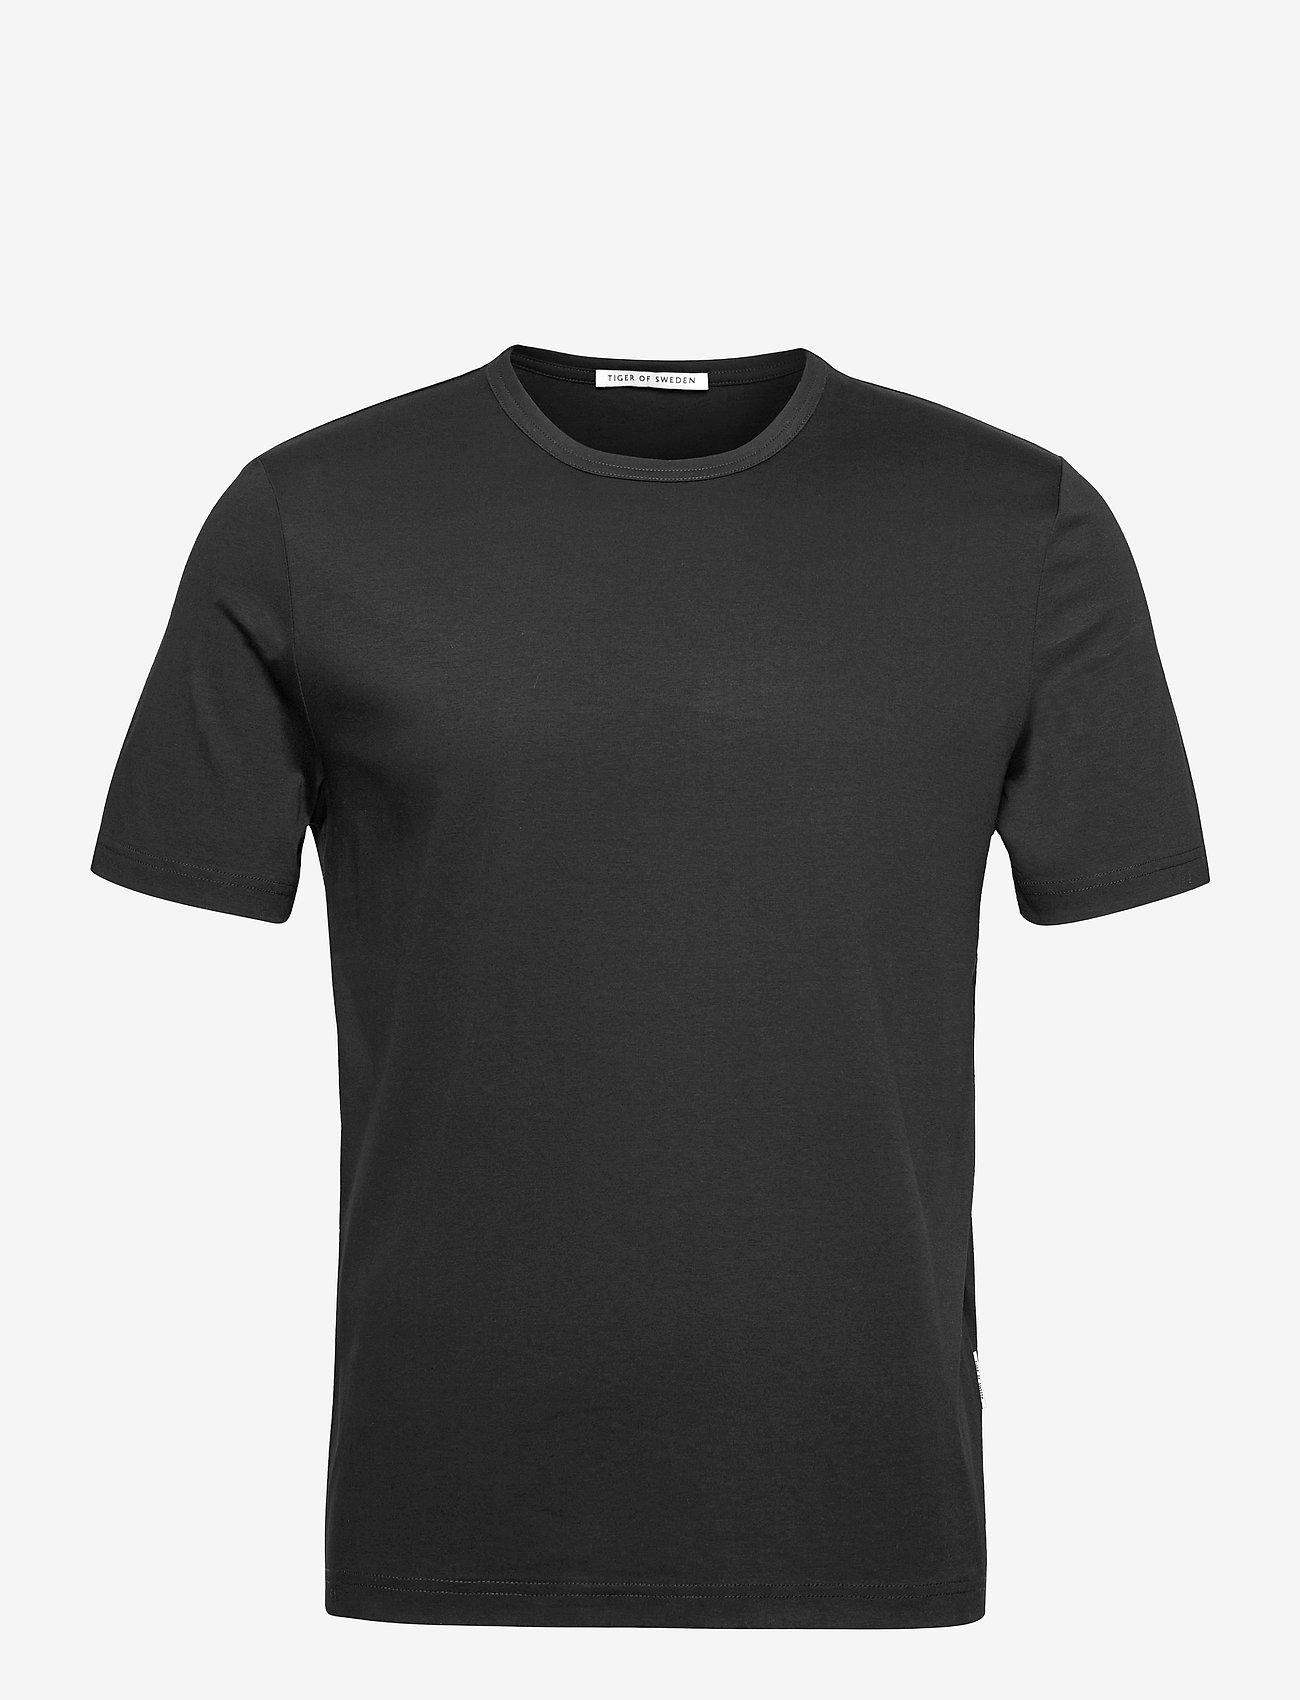 Tiger of Sweden - OLAF - basis-t-skjorter - black - 0